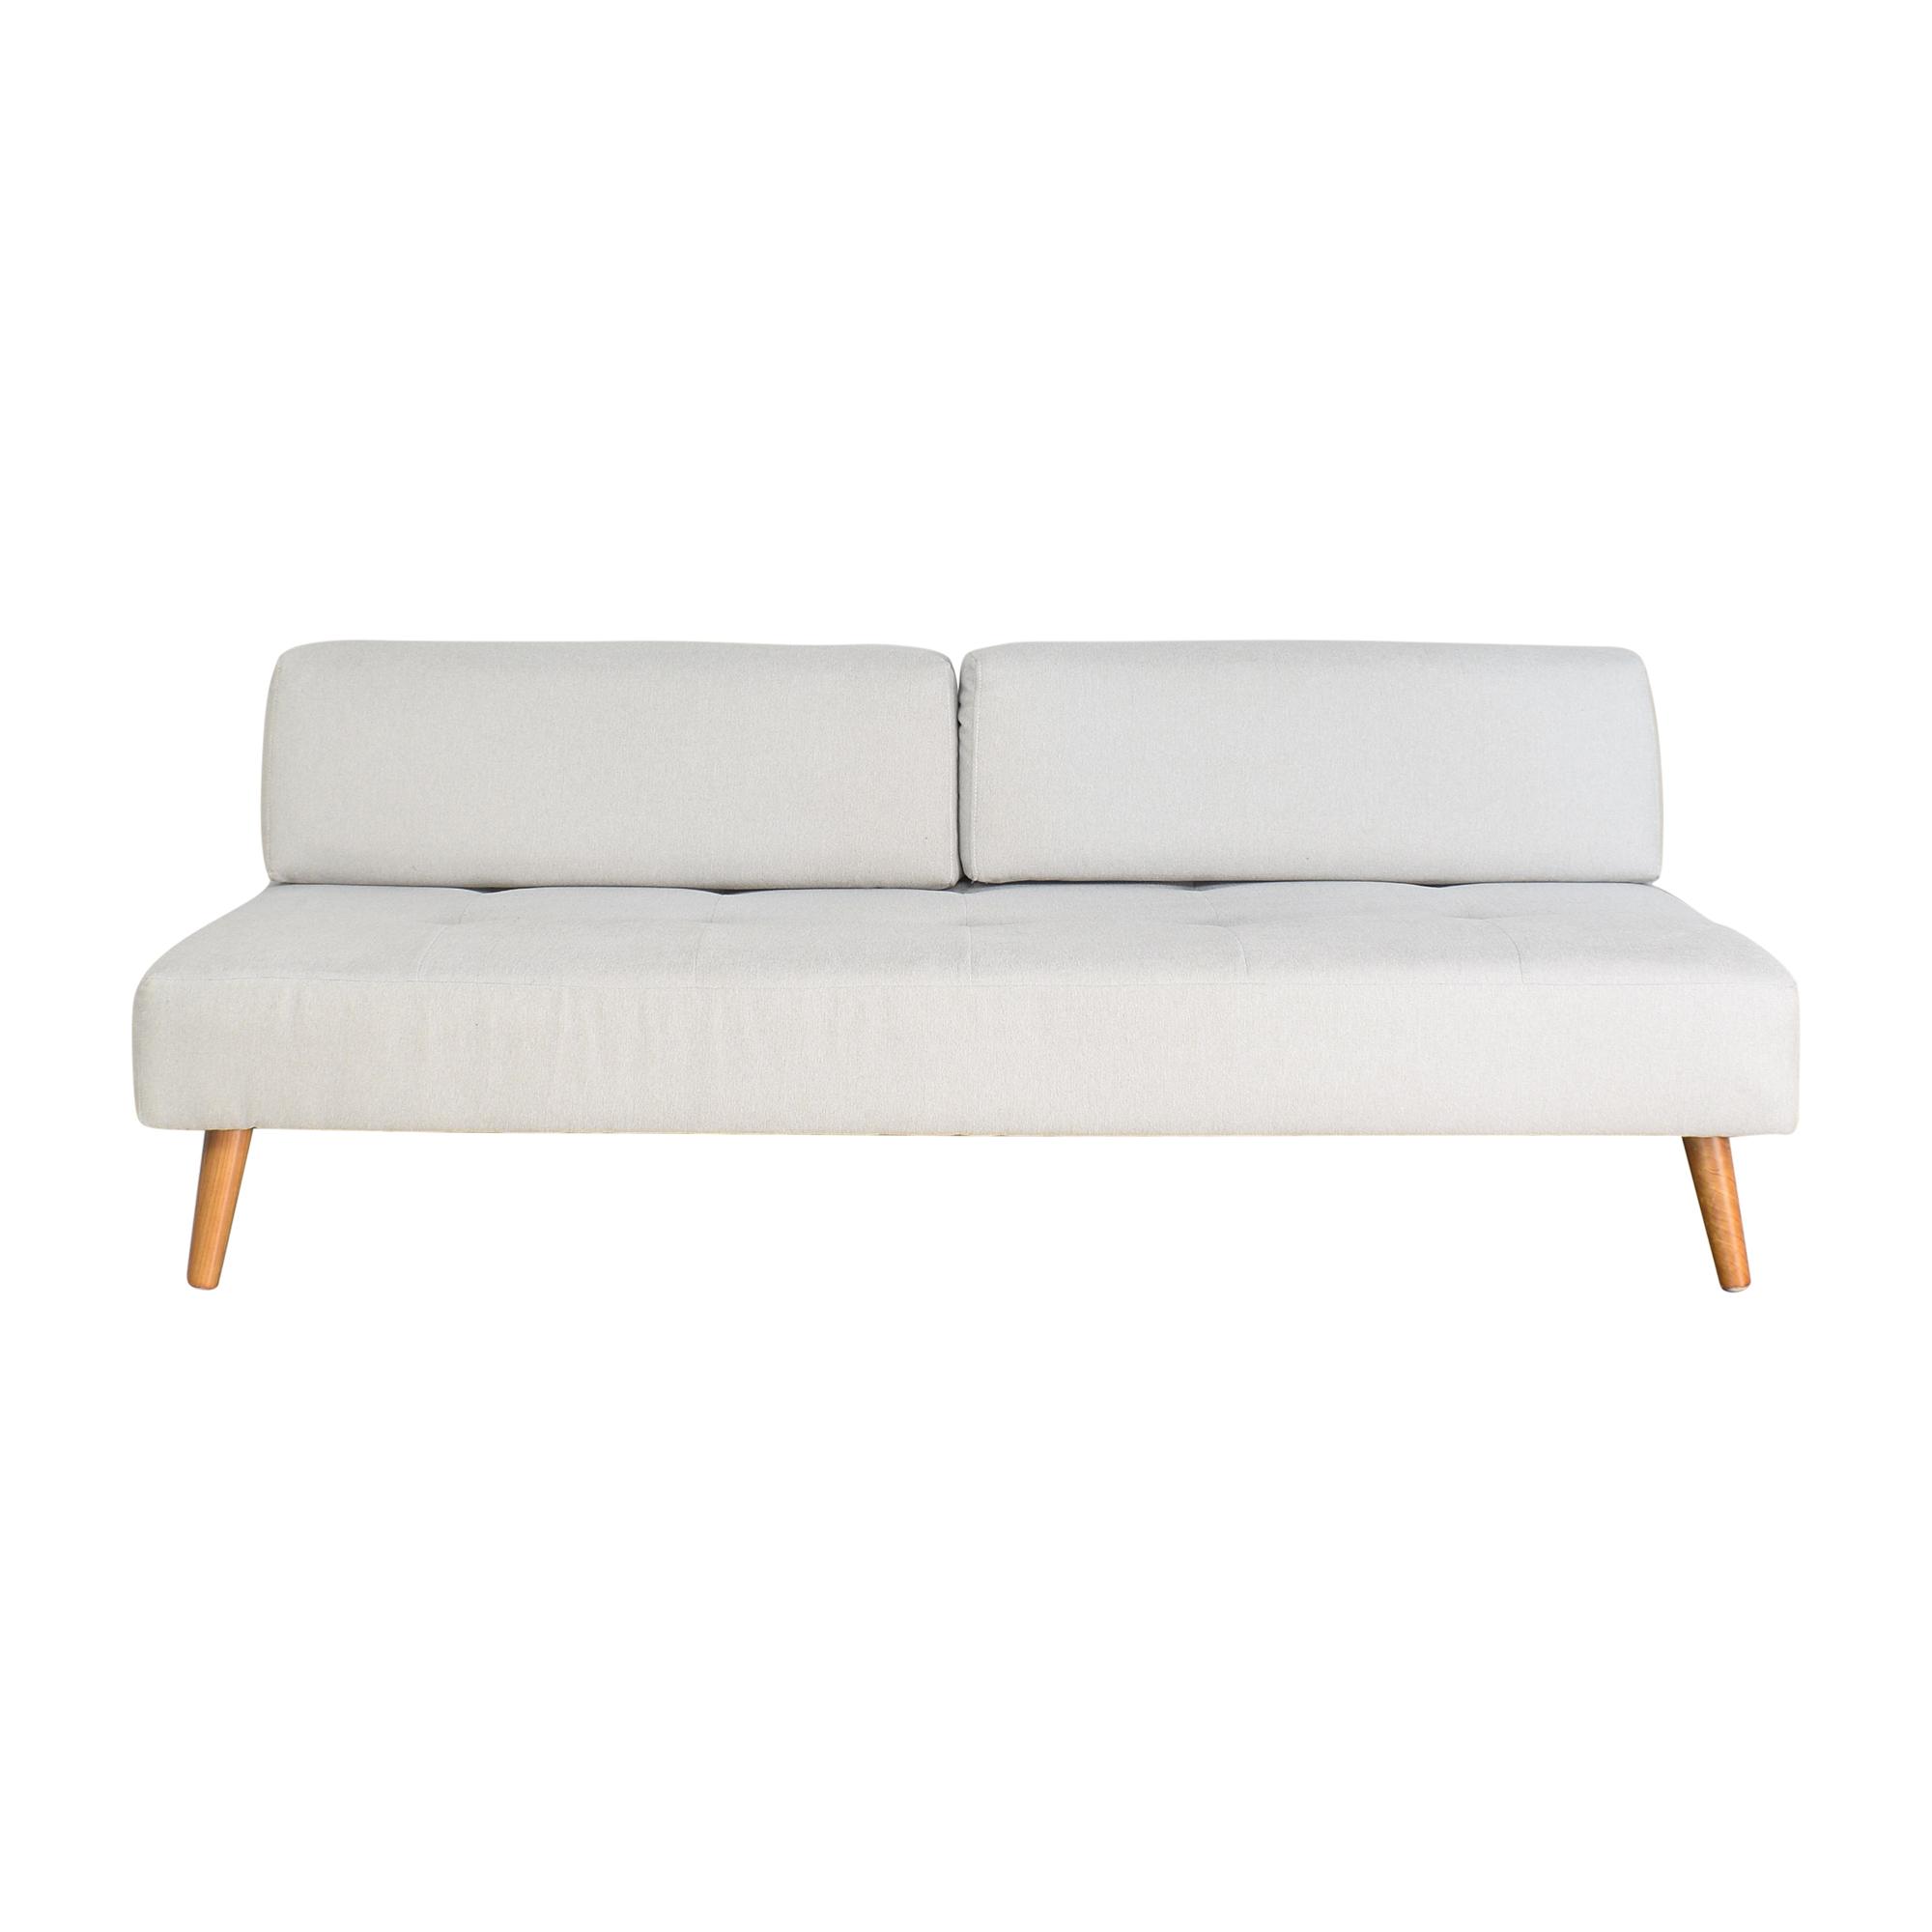 West Elm West Elm Retro Tillary Sofa discount